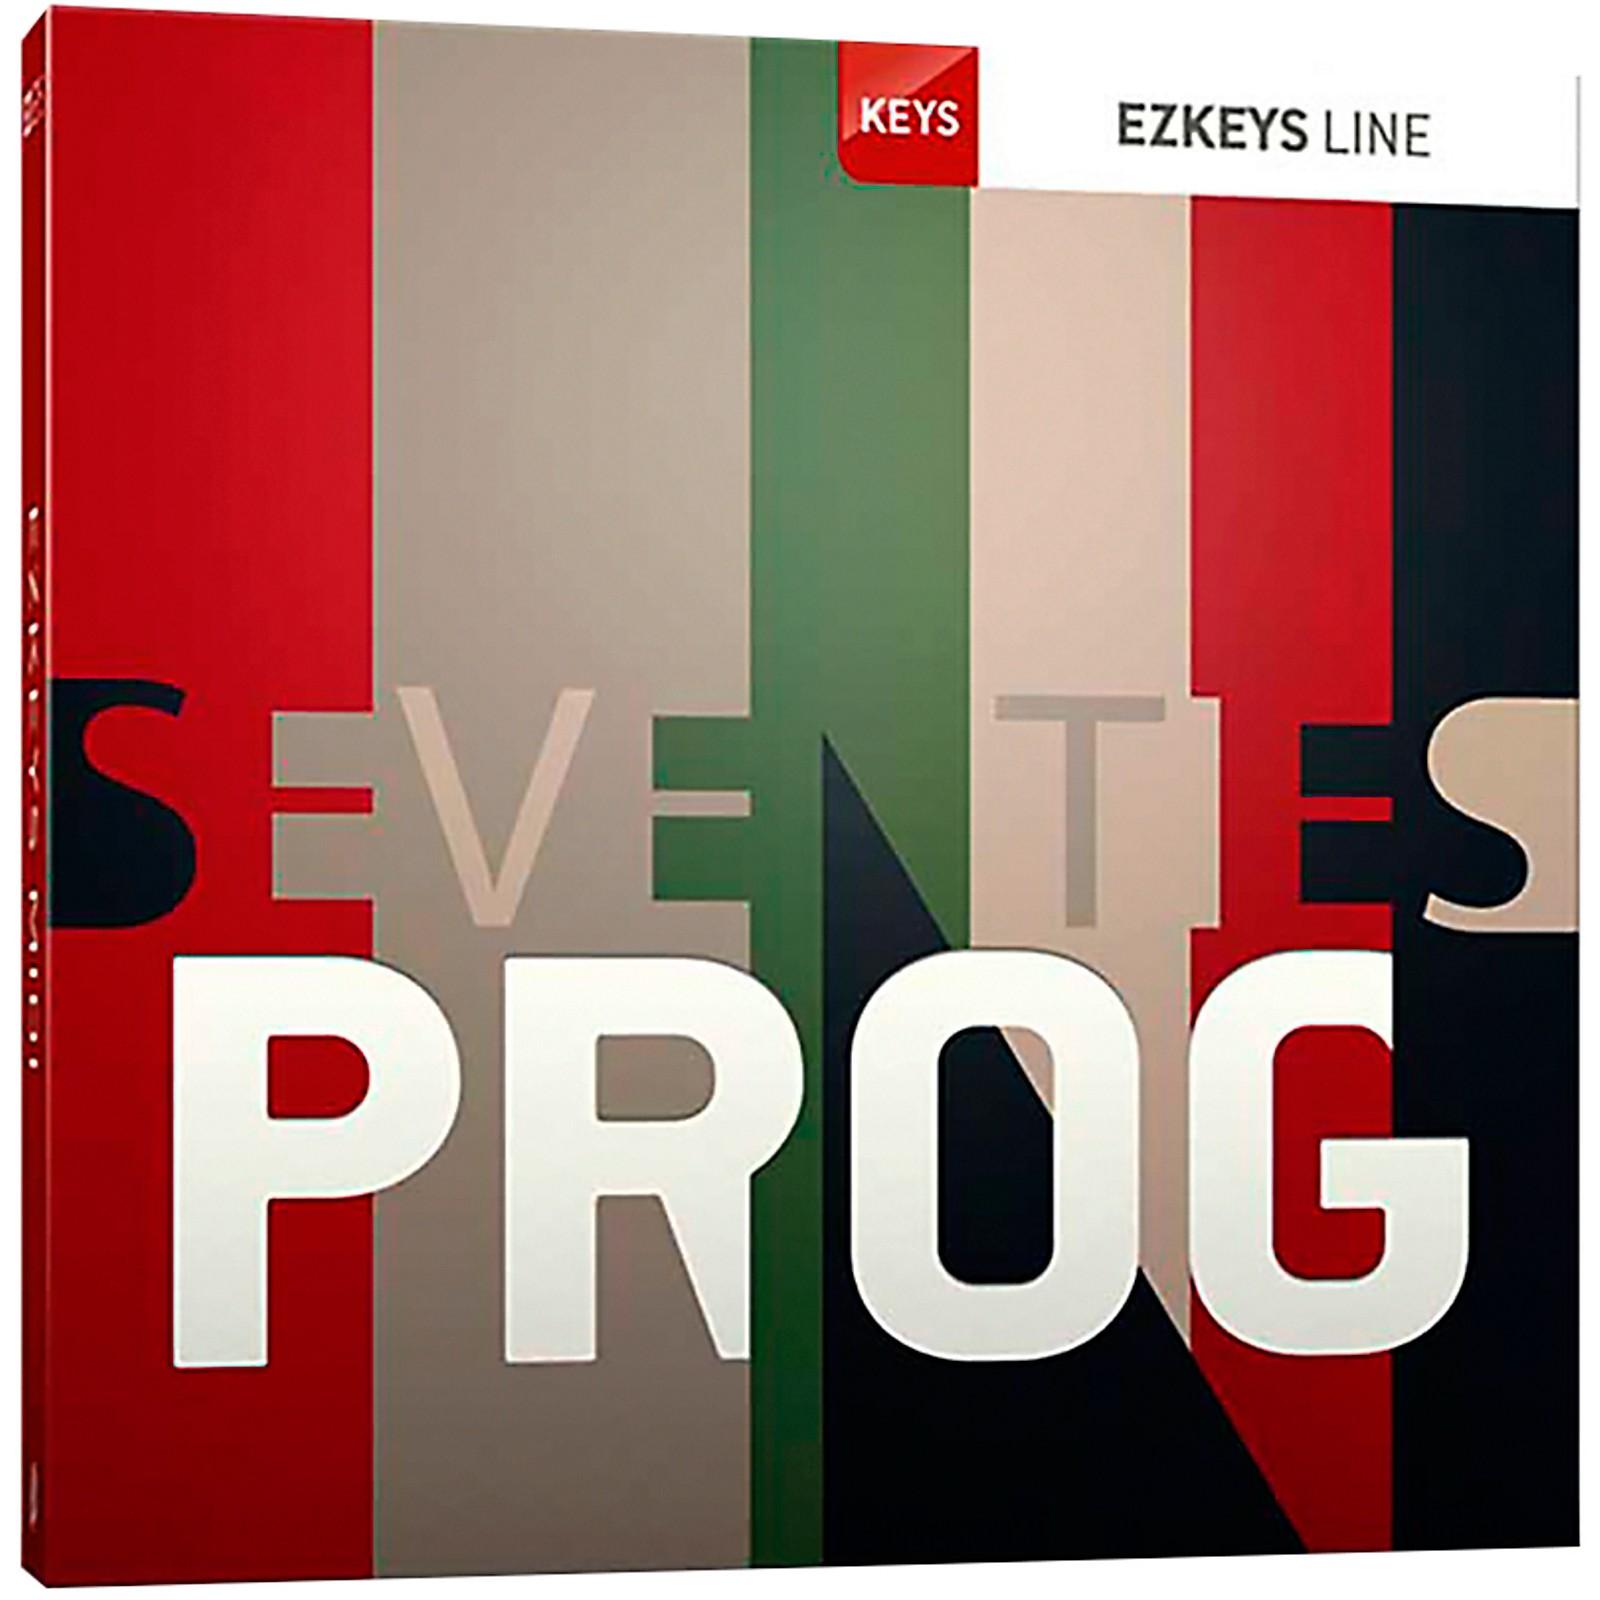 Toontrack Seventies Prog EZkeys MIDI (Download)